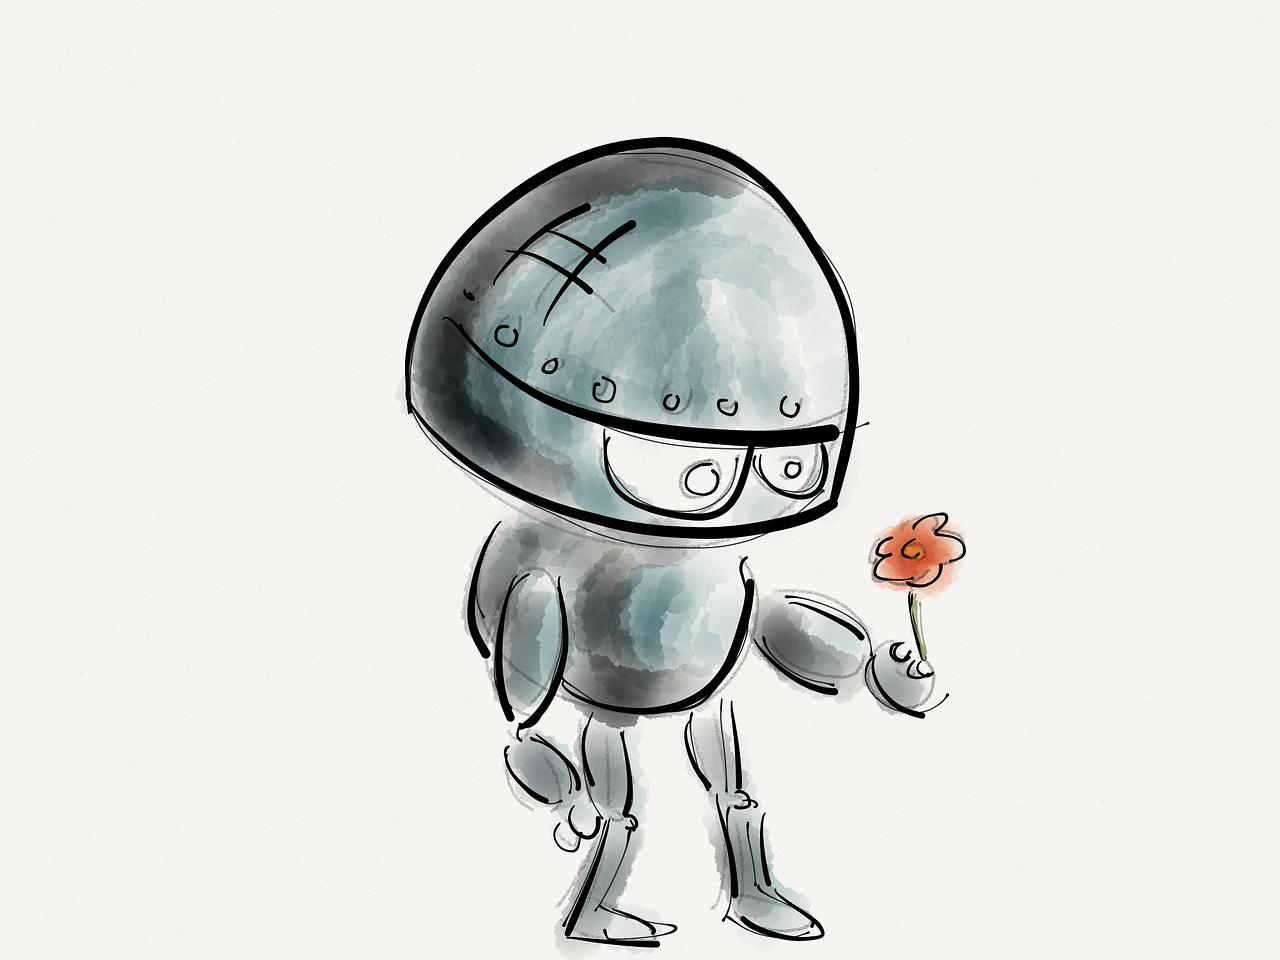 robot-1214536_1280.png